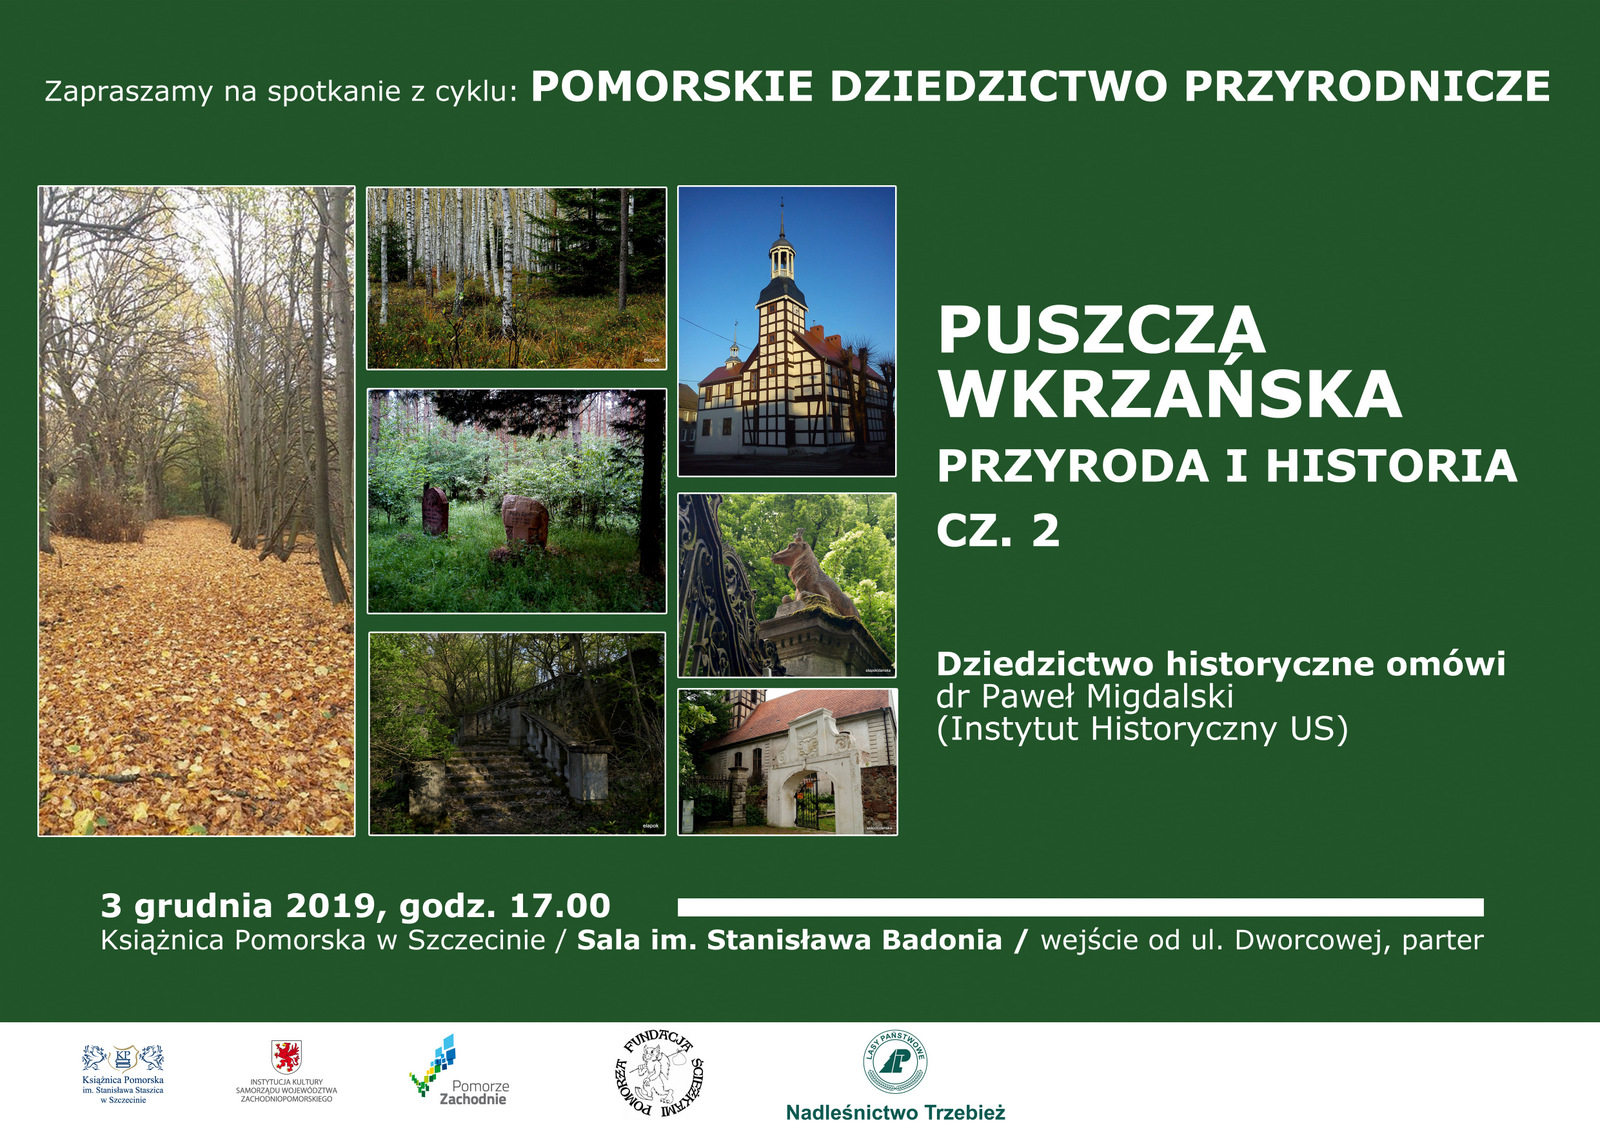 Spotkanie pt. Puszcza Wkrzańska - Przyroda i Historia cz. 2